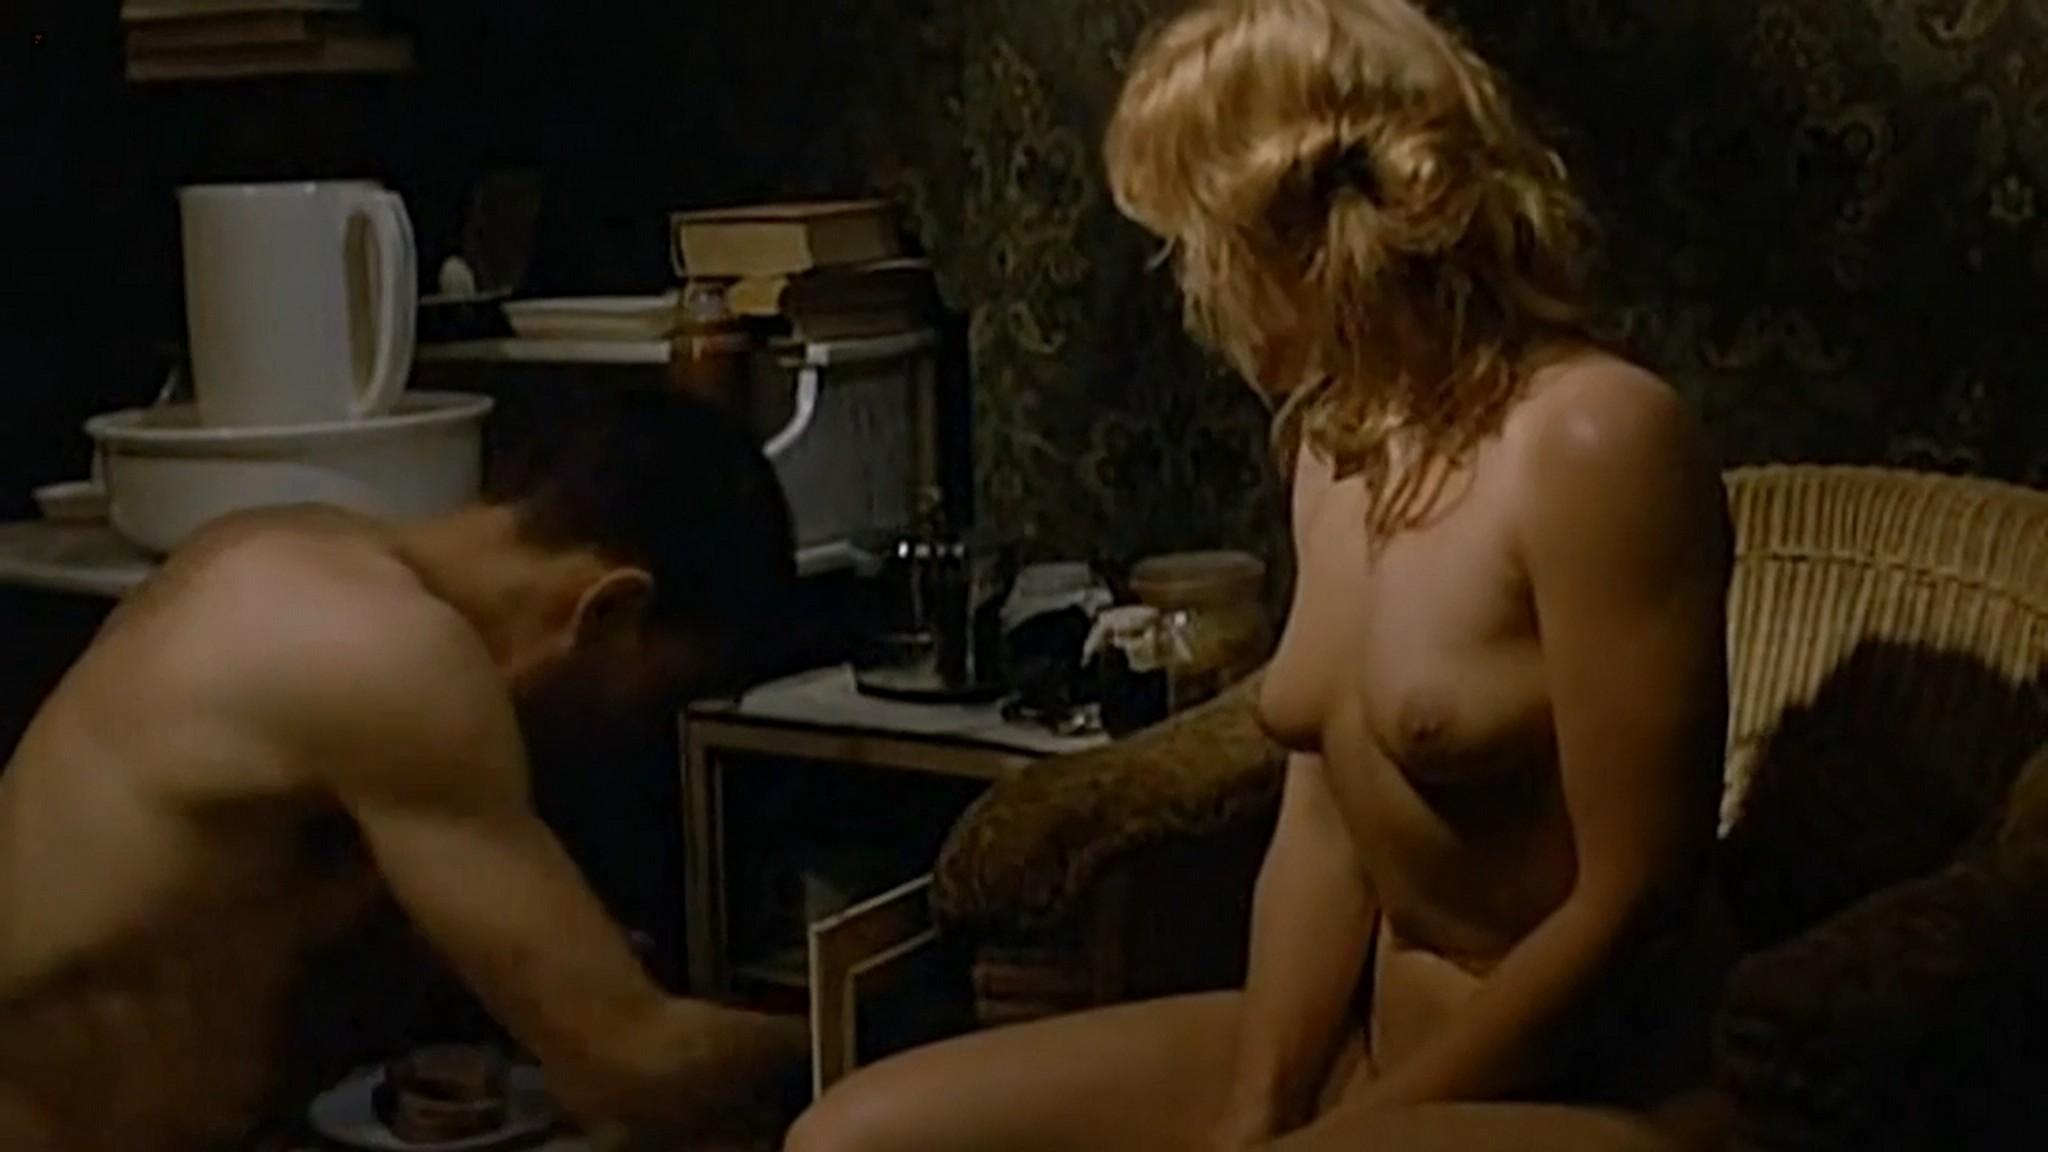 Silvia Janisch nude bush Cristel Braak full frontal Fabian DE 1980 5